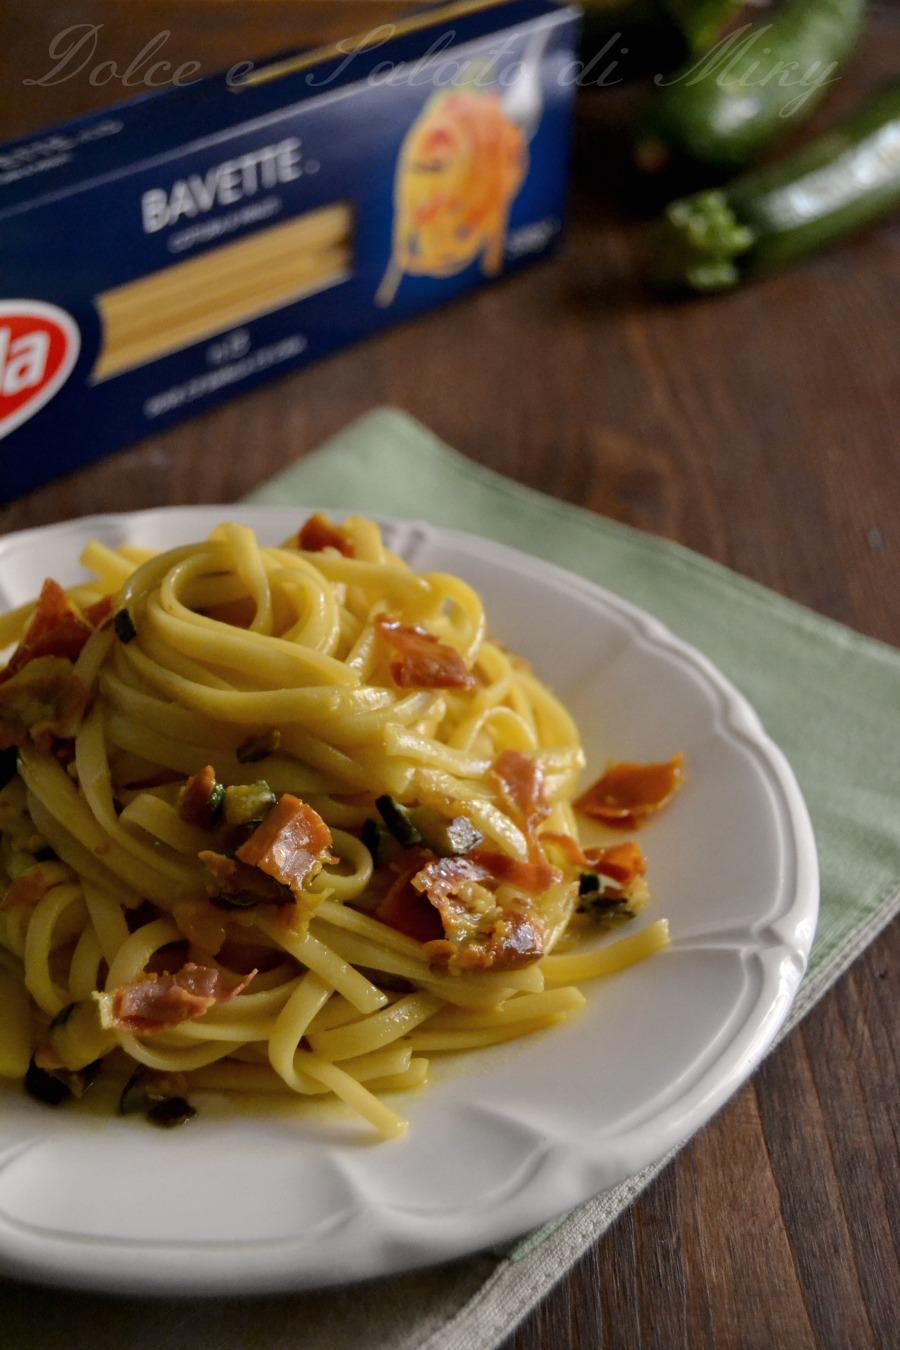 ricetta bavette zafferano speck e zucchine| Dolce e Salato di Miky